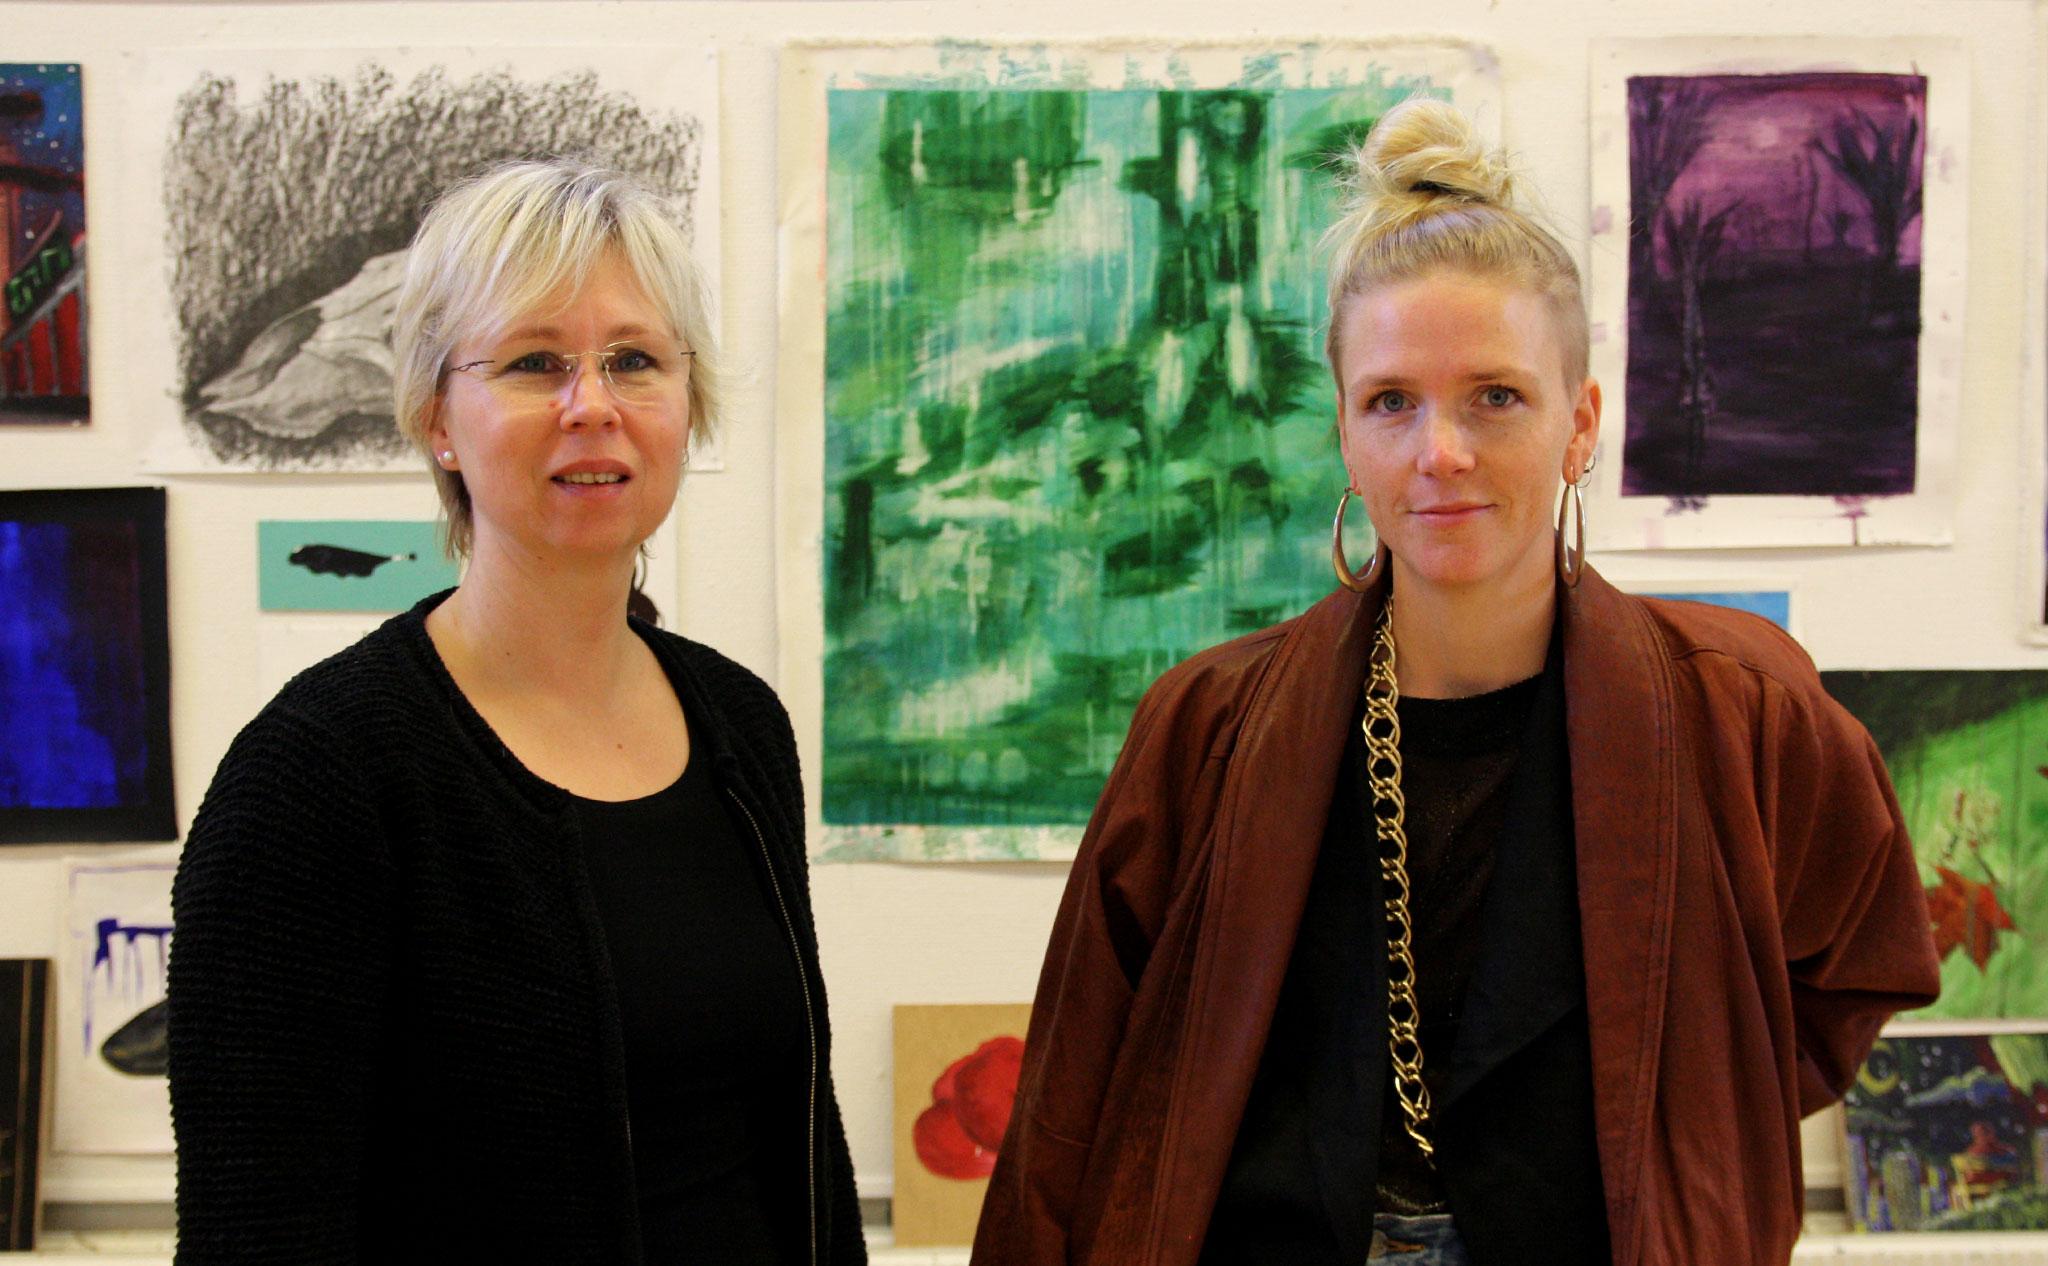 Maria Bygdén t.v. och Ellinor Augustini t.h. i halvbild. Bakom dem en vägg full av tavlor.